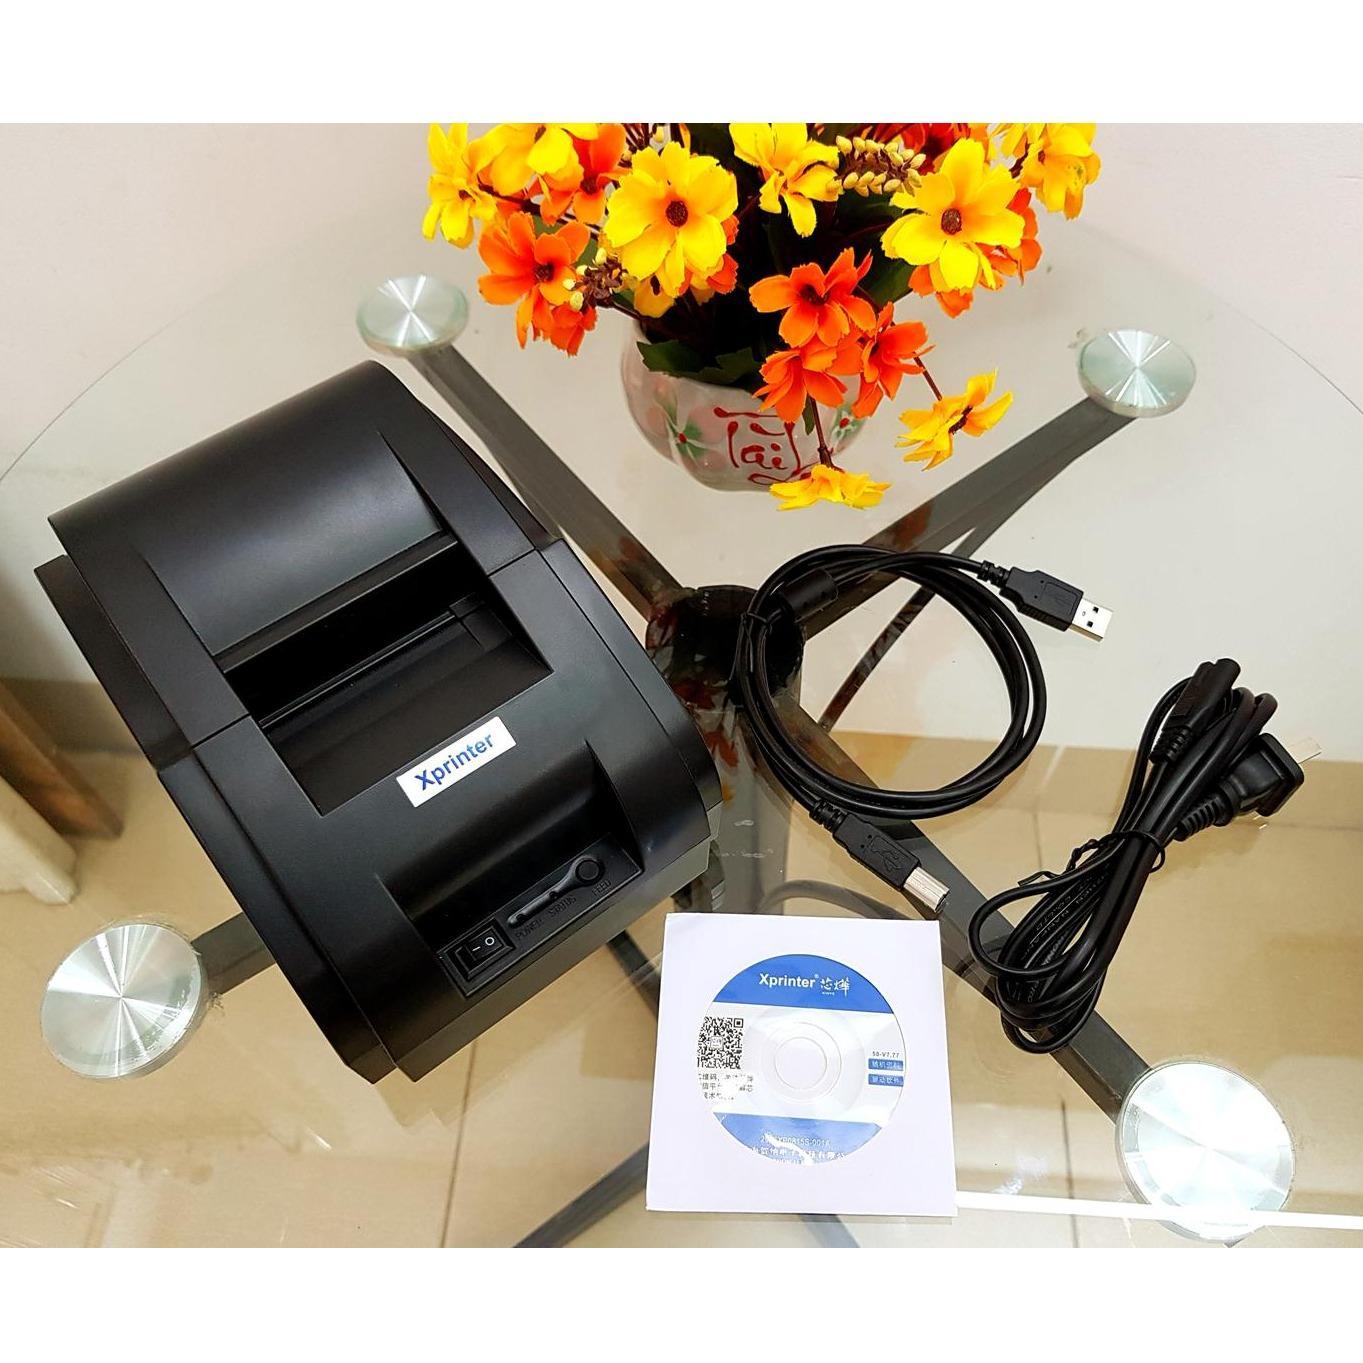 Hình ảnh Máy in hóa đơn Xprinter 58